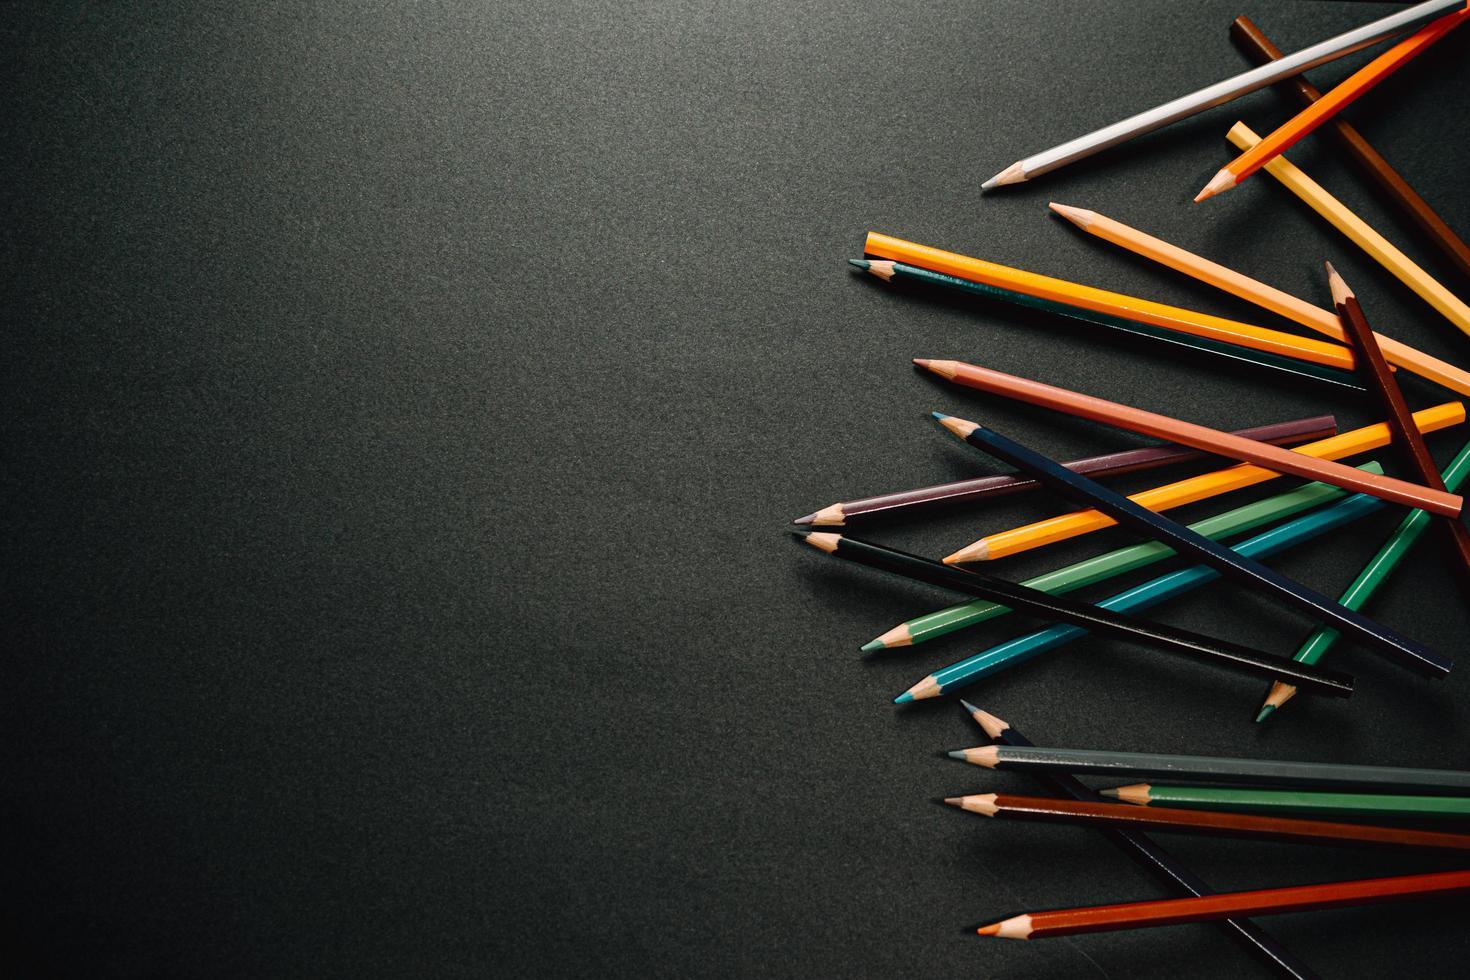 lápices de colores en un lado del fondo oscuro foto